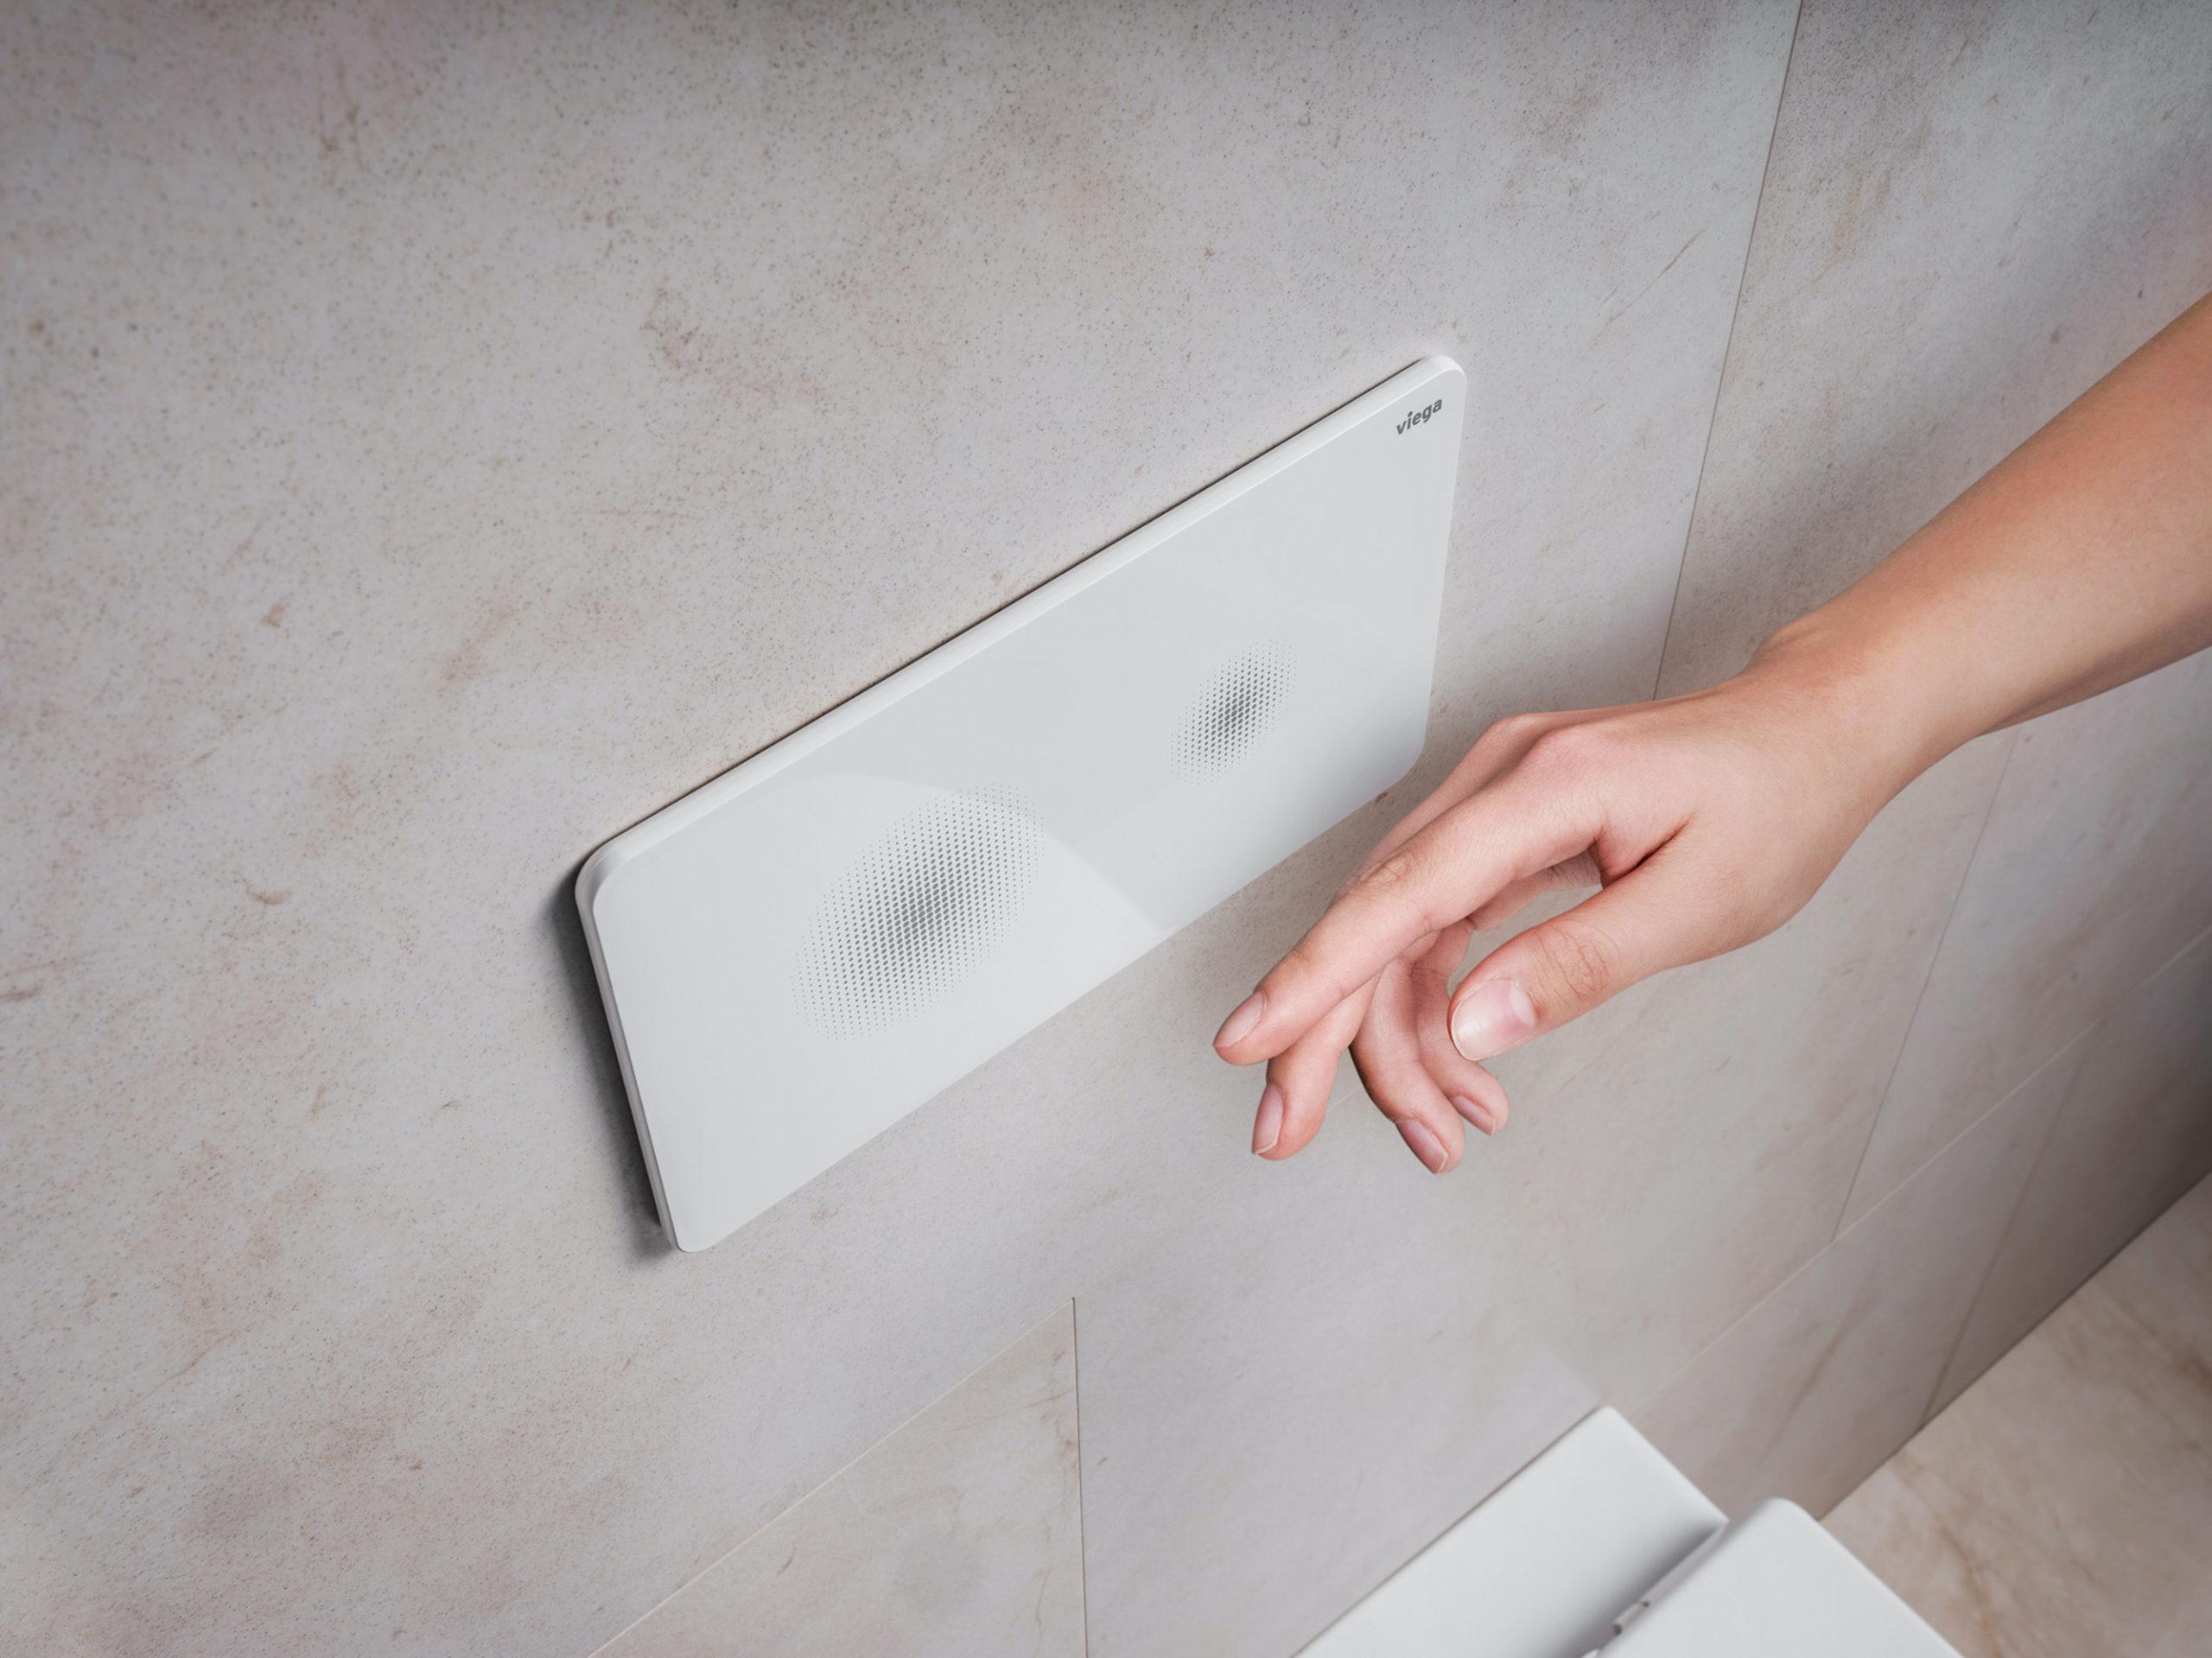 La plaque de commande de Viega pour WC évite les contacts